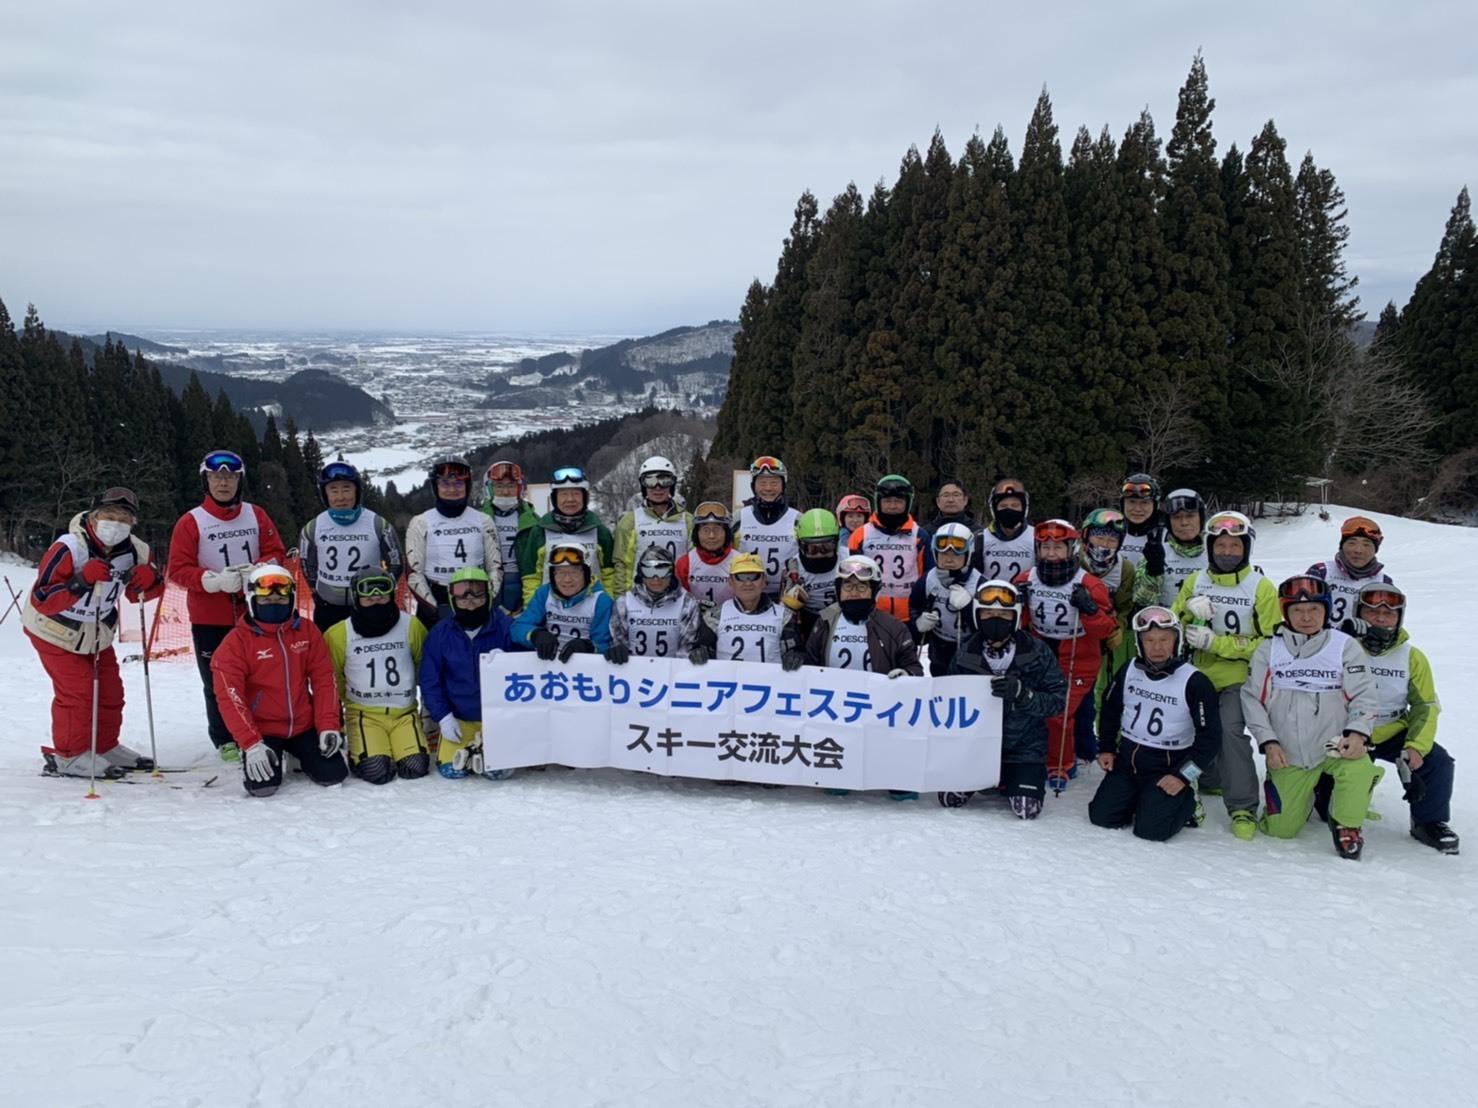 あおもりシニアフェスティバル 第11回スキー交流大会_d0366509_11415194.jpg